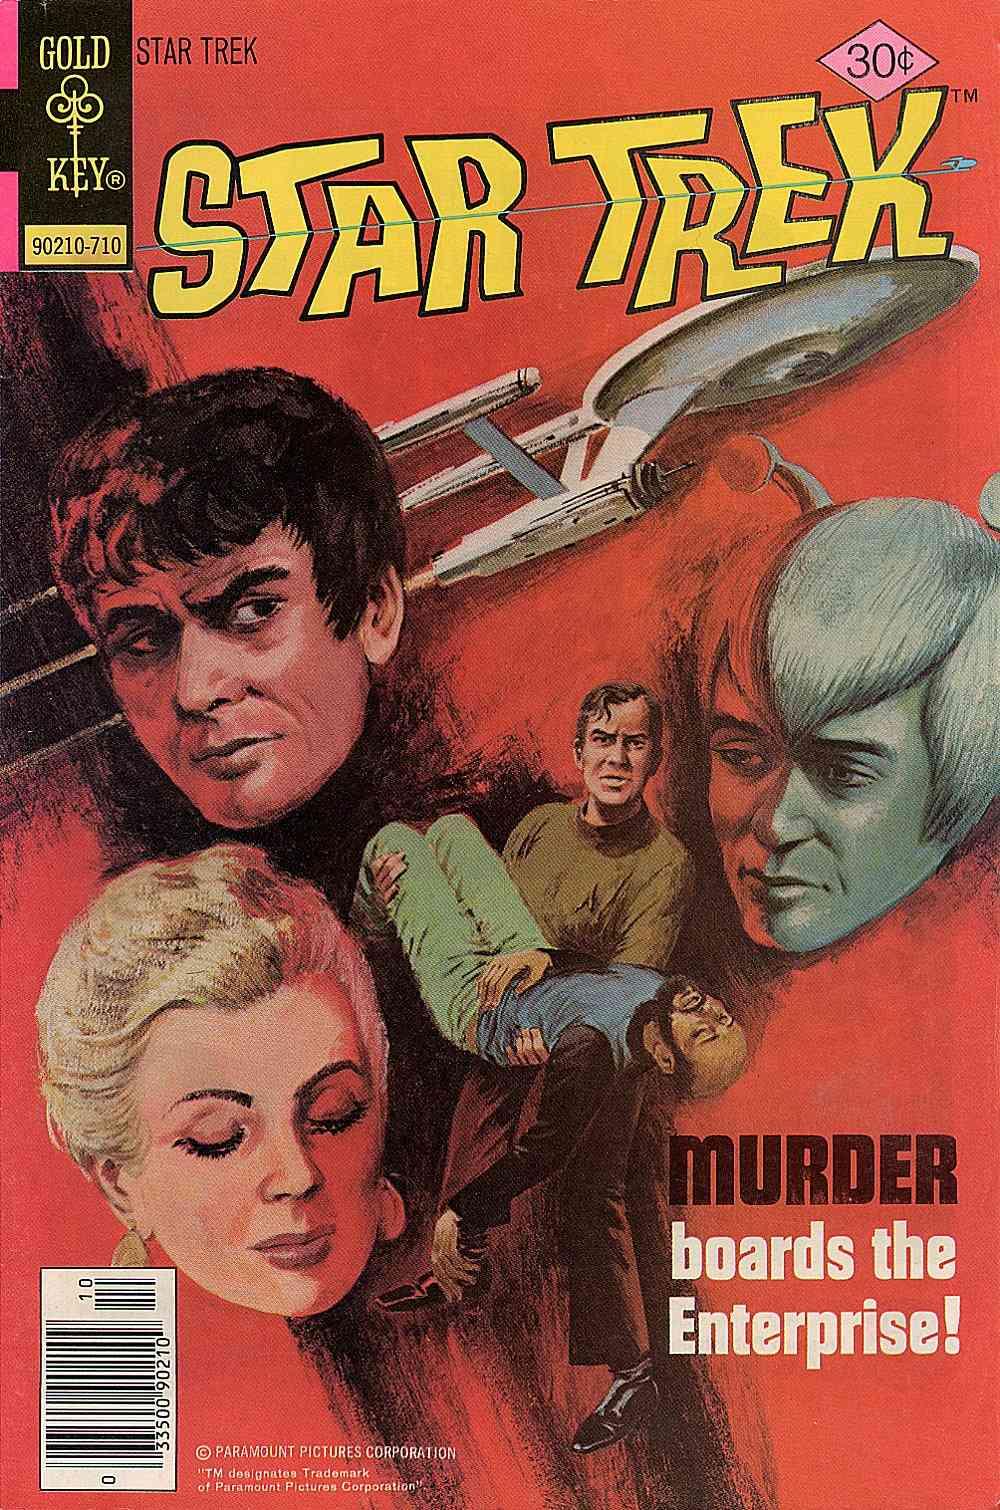 Star Trek (1967) issue 48 - Page 1